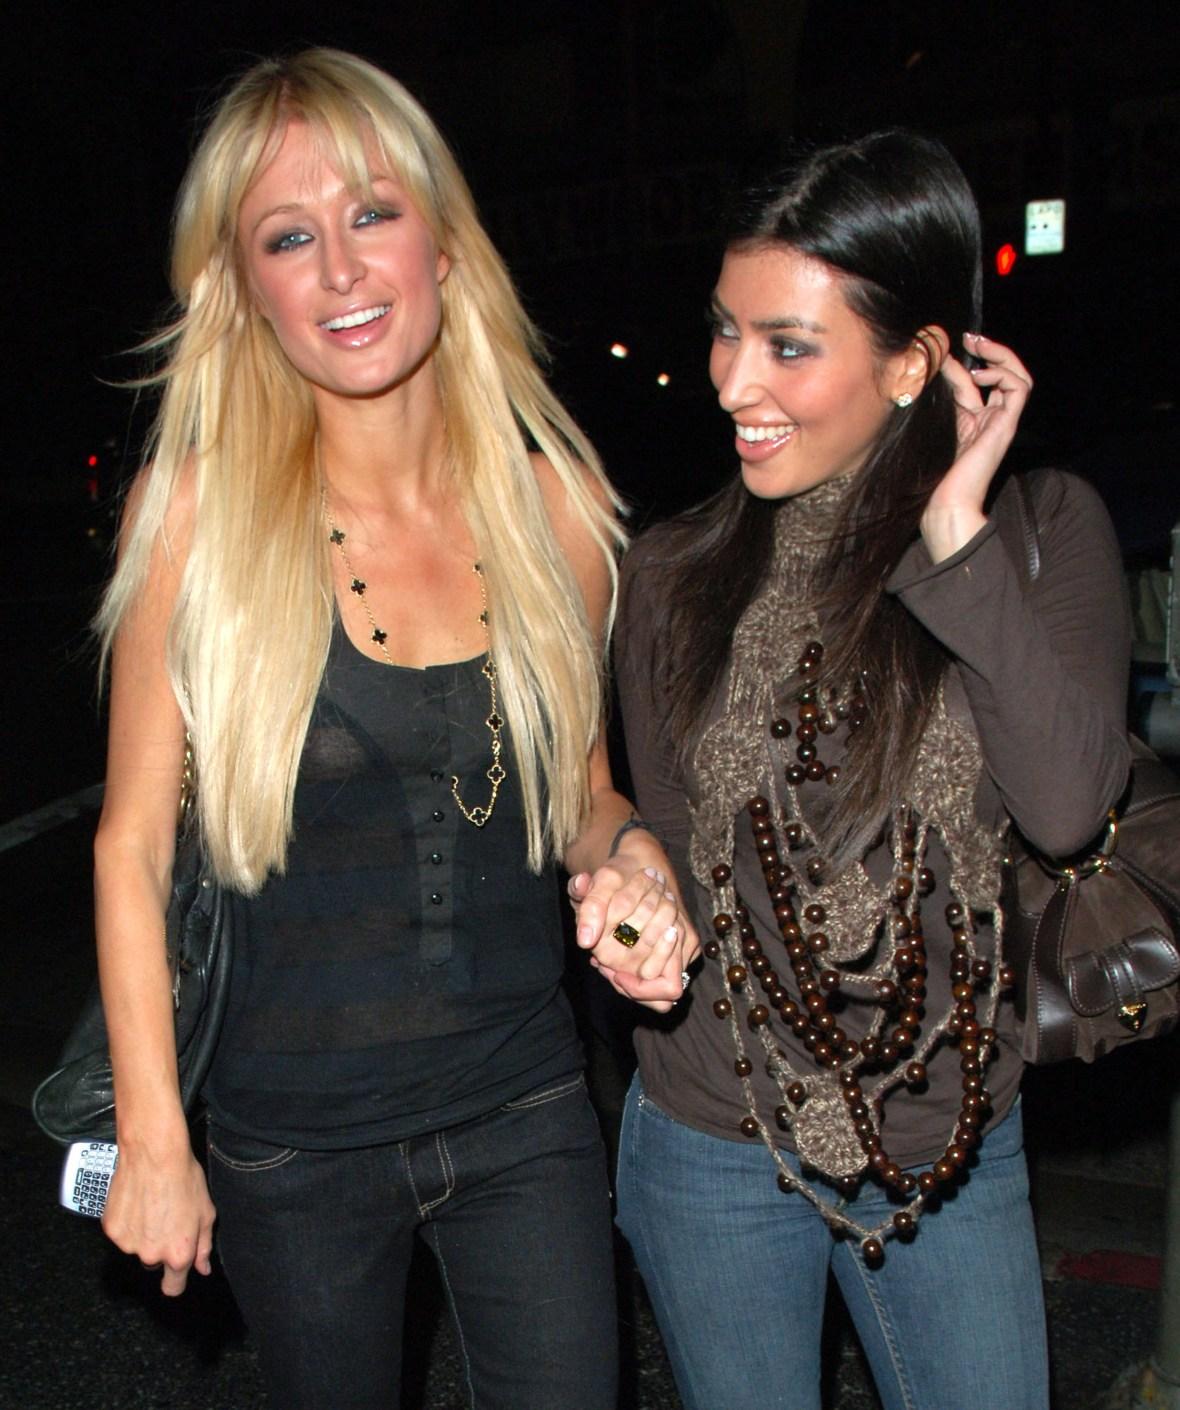 paris hilton and kim kardashian l.a. 2007 getty